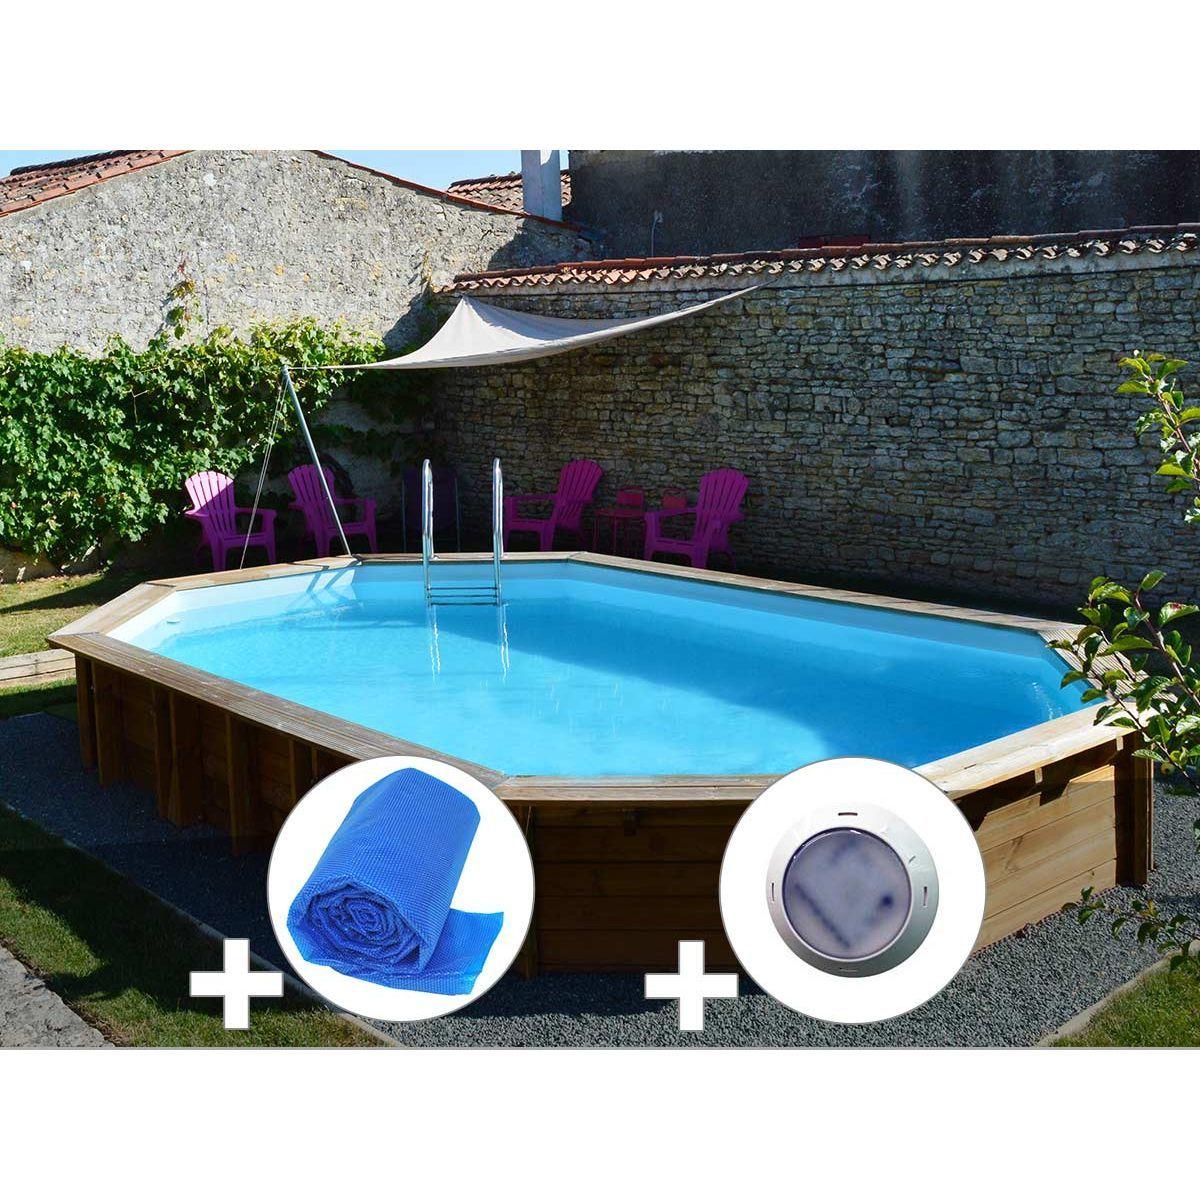 Kit Piscine Bois Sunbay Safran 6,37 X 4,12 X 1,33 M + Bâche ... intérieur Piscine De Loos